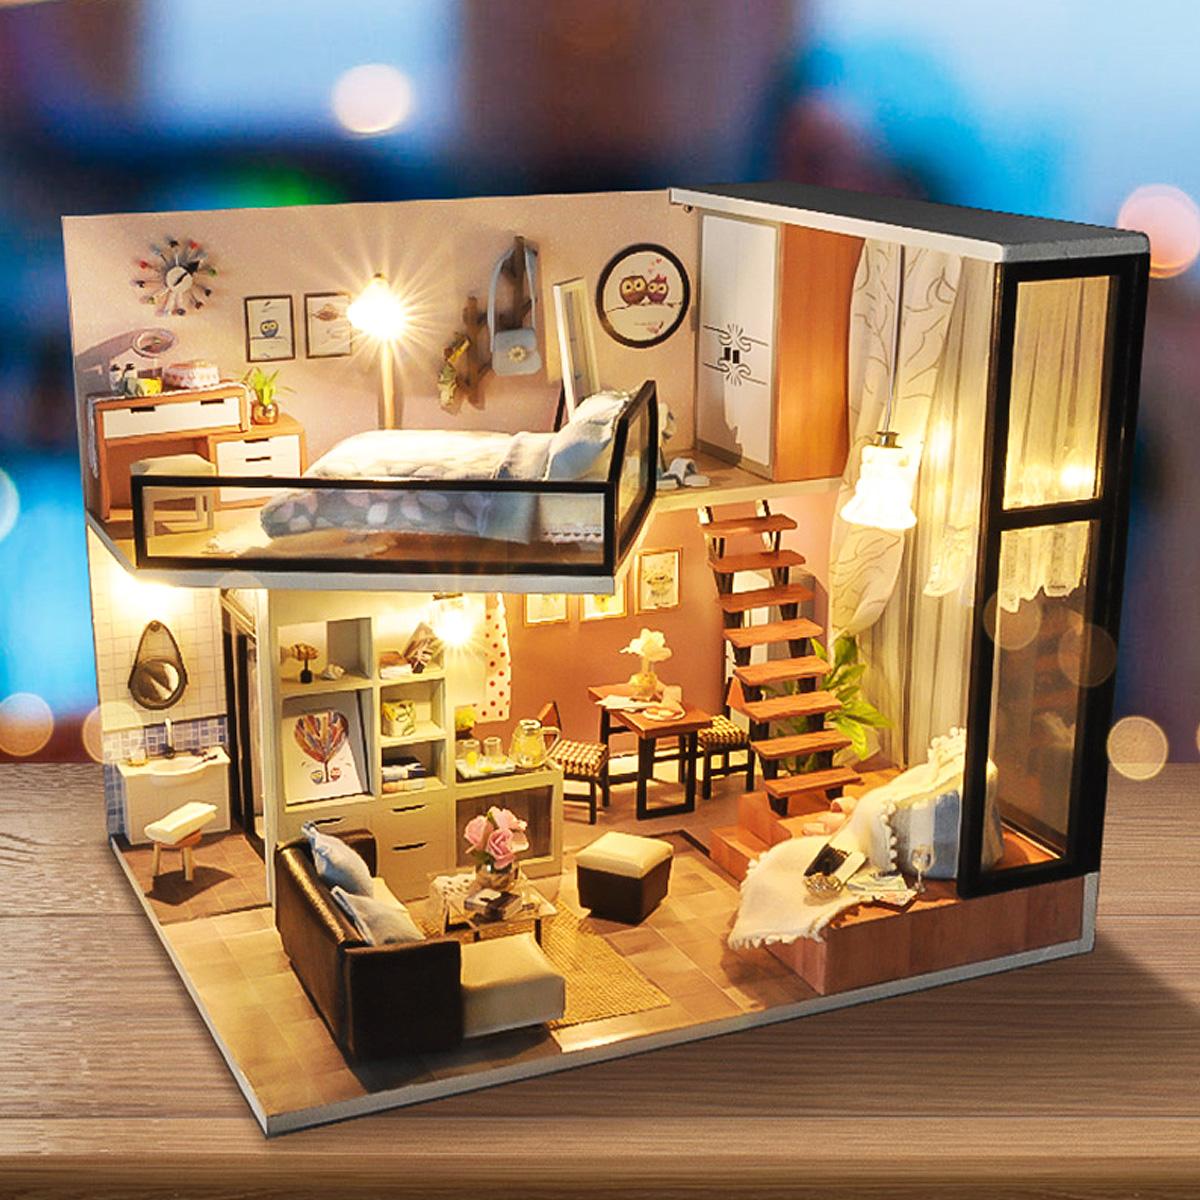 NROCF LED DIY Dollhouse Mod/èle en Bois Salle De Classe 3D D/écore Crafts Creative Simulation Jouets pour Filles Gar/çons Cadeaux